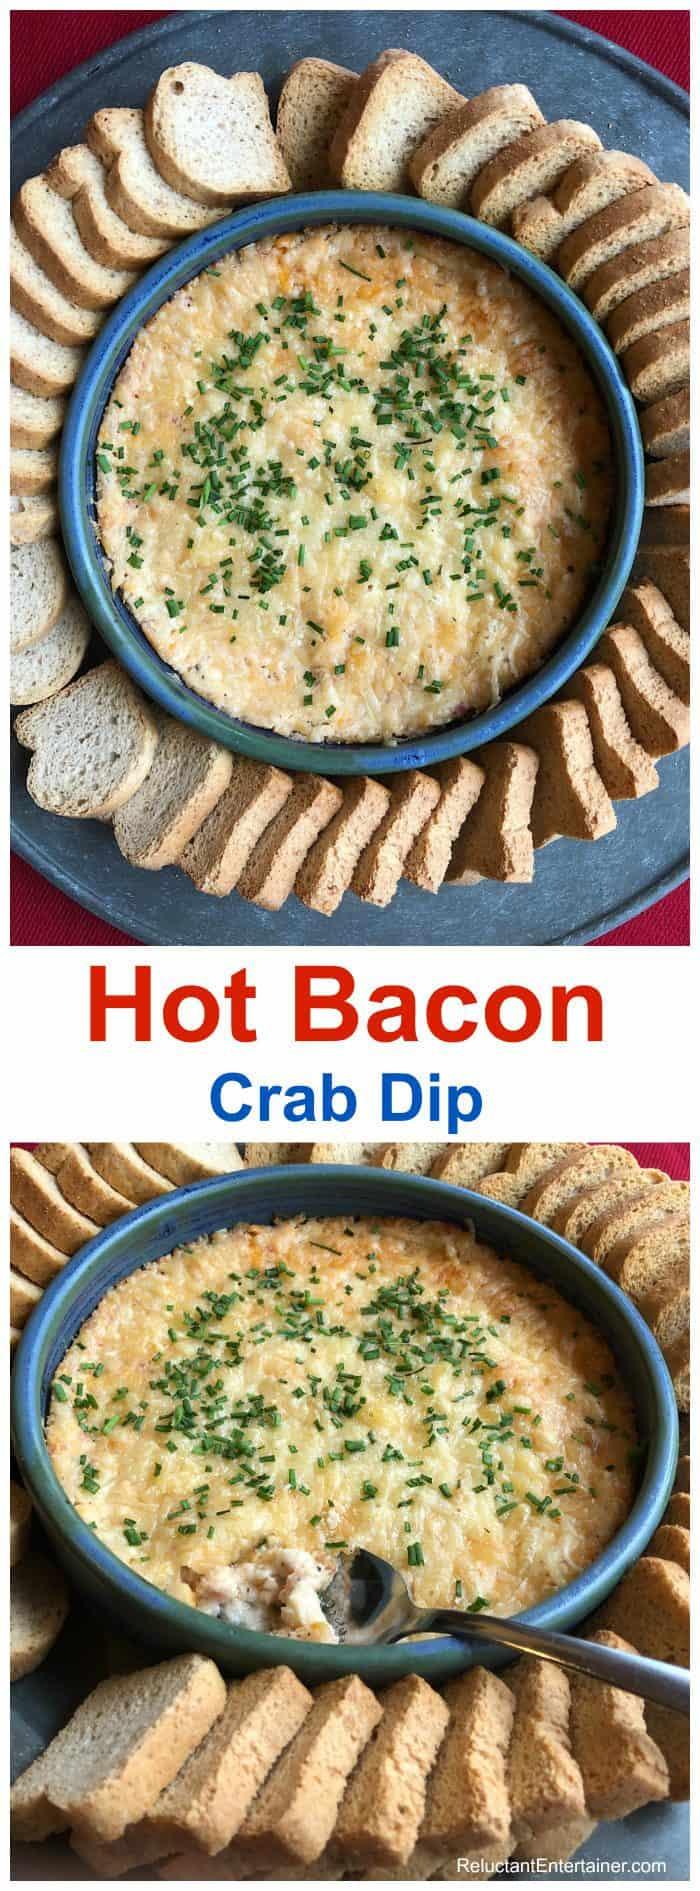 Hot Bacon Crab Dip